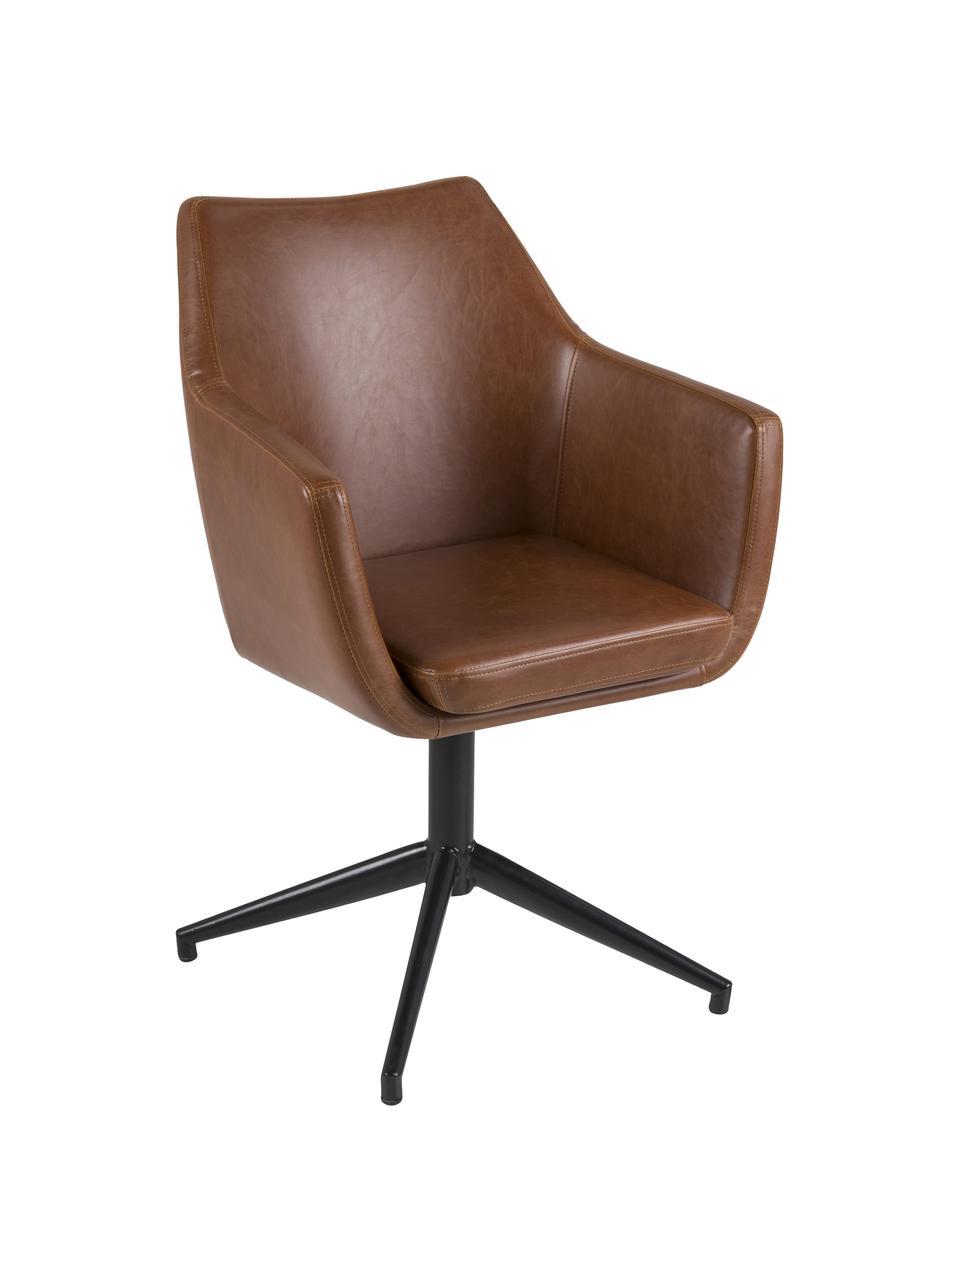 Krzesło z podłokietnikami ze sztucznej skóry Nora, obrotowe, Tapicerka: sztuczna skóra (poliureta, Stelaż: metal malowany proszkowo, Koniakowy, czarny, S 58 x G 57 cm